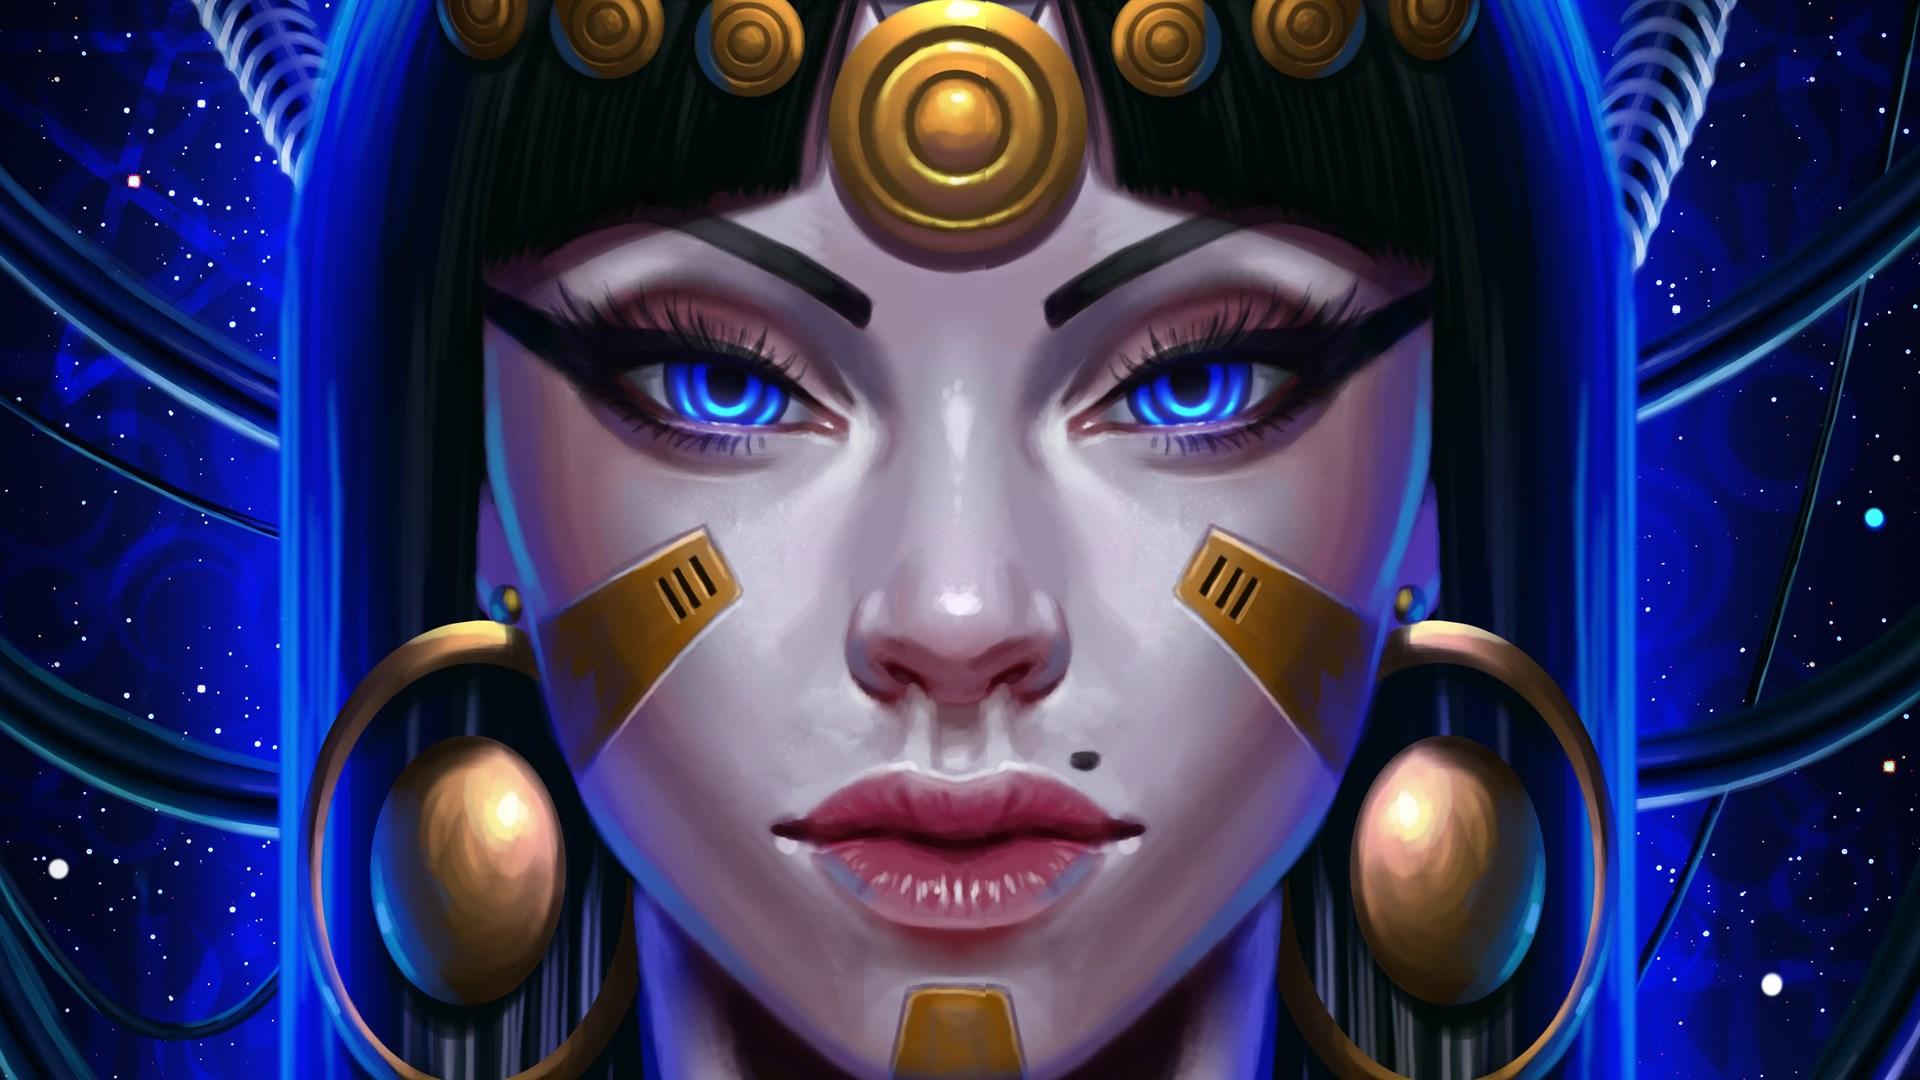 Get Horoscope, Tarot, Astrology: Fortune Teller AstroBot